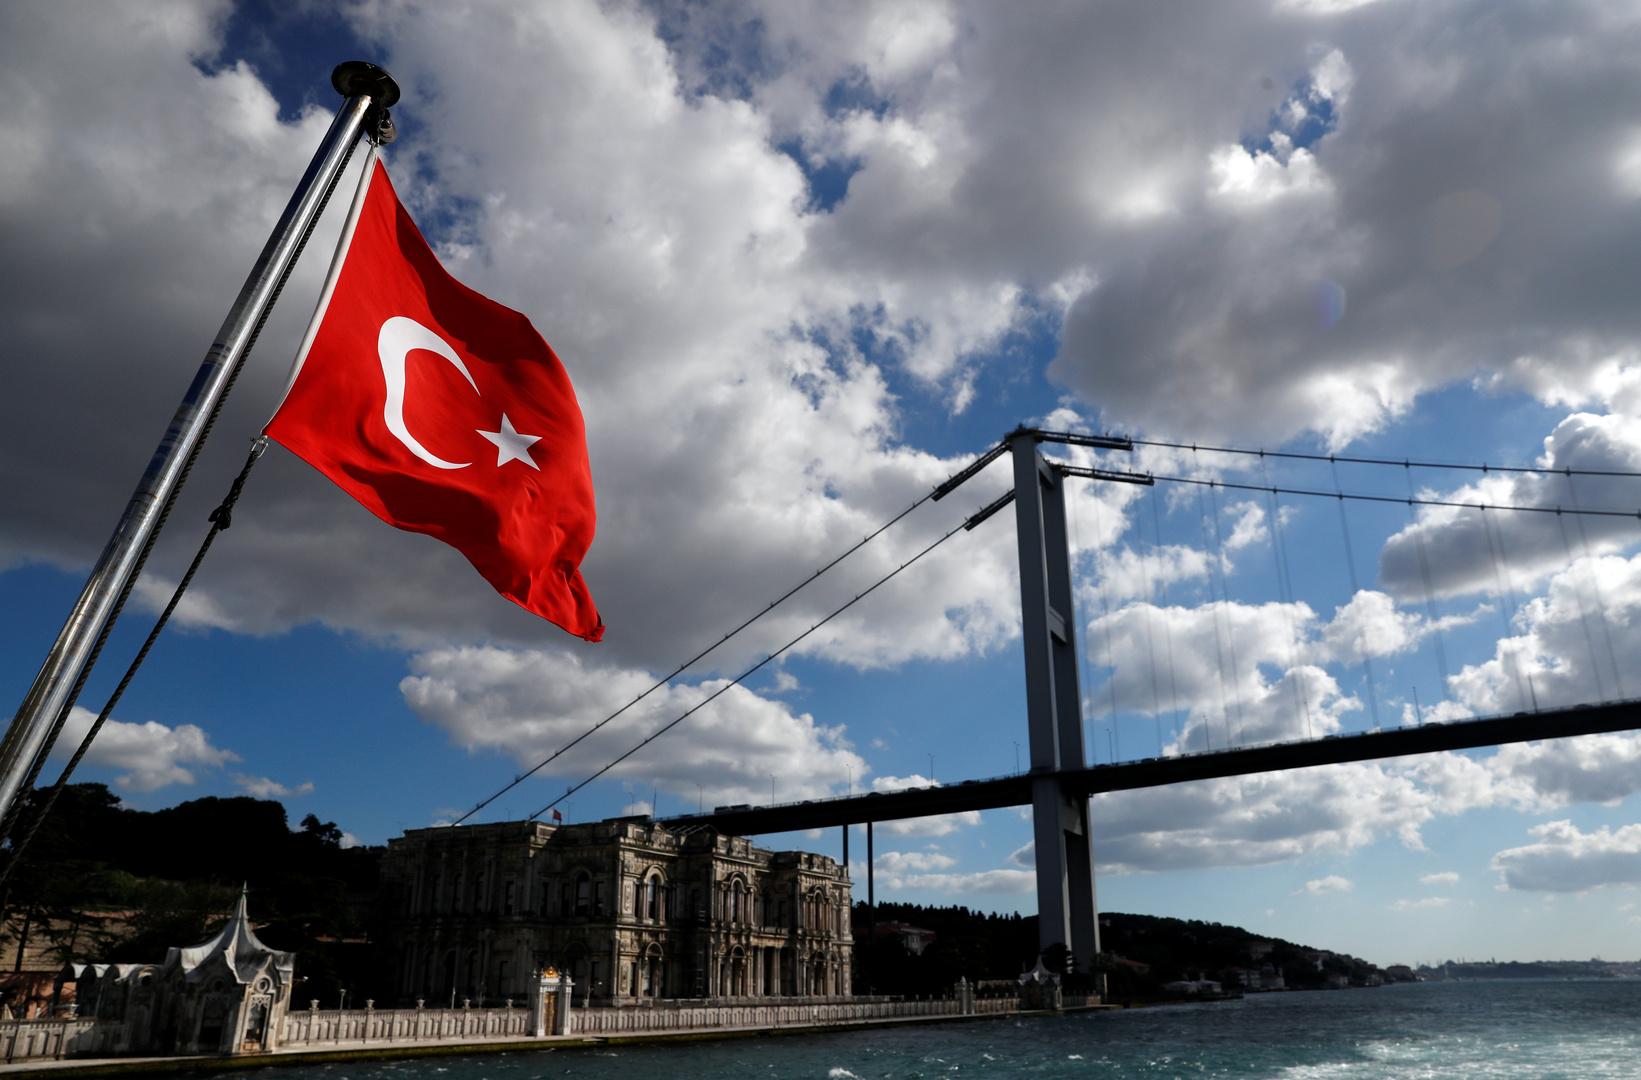 الرئاسة التركية: 11 مليار دولار قيمة الصناعات الدفاعية عام 2019